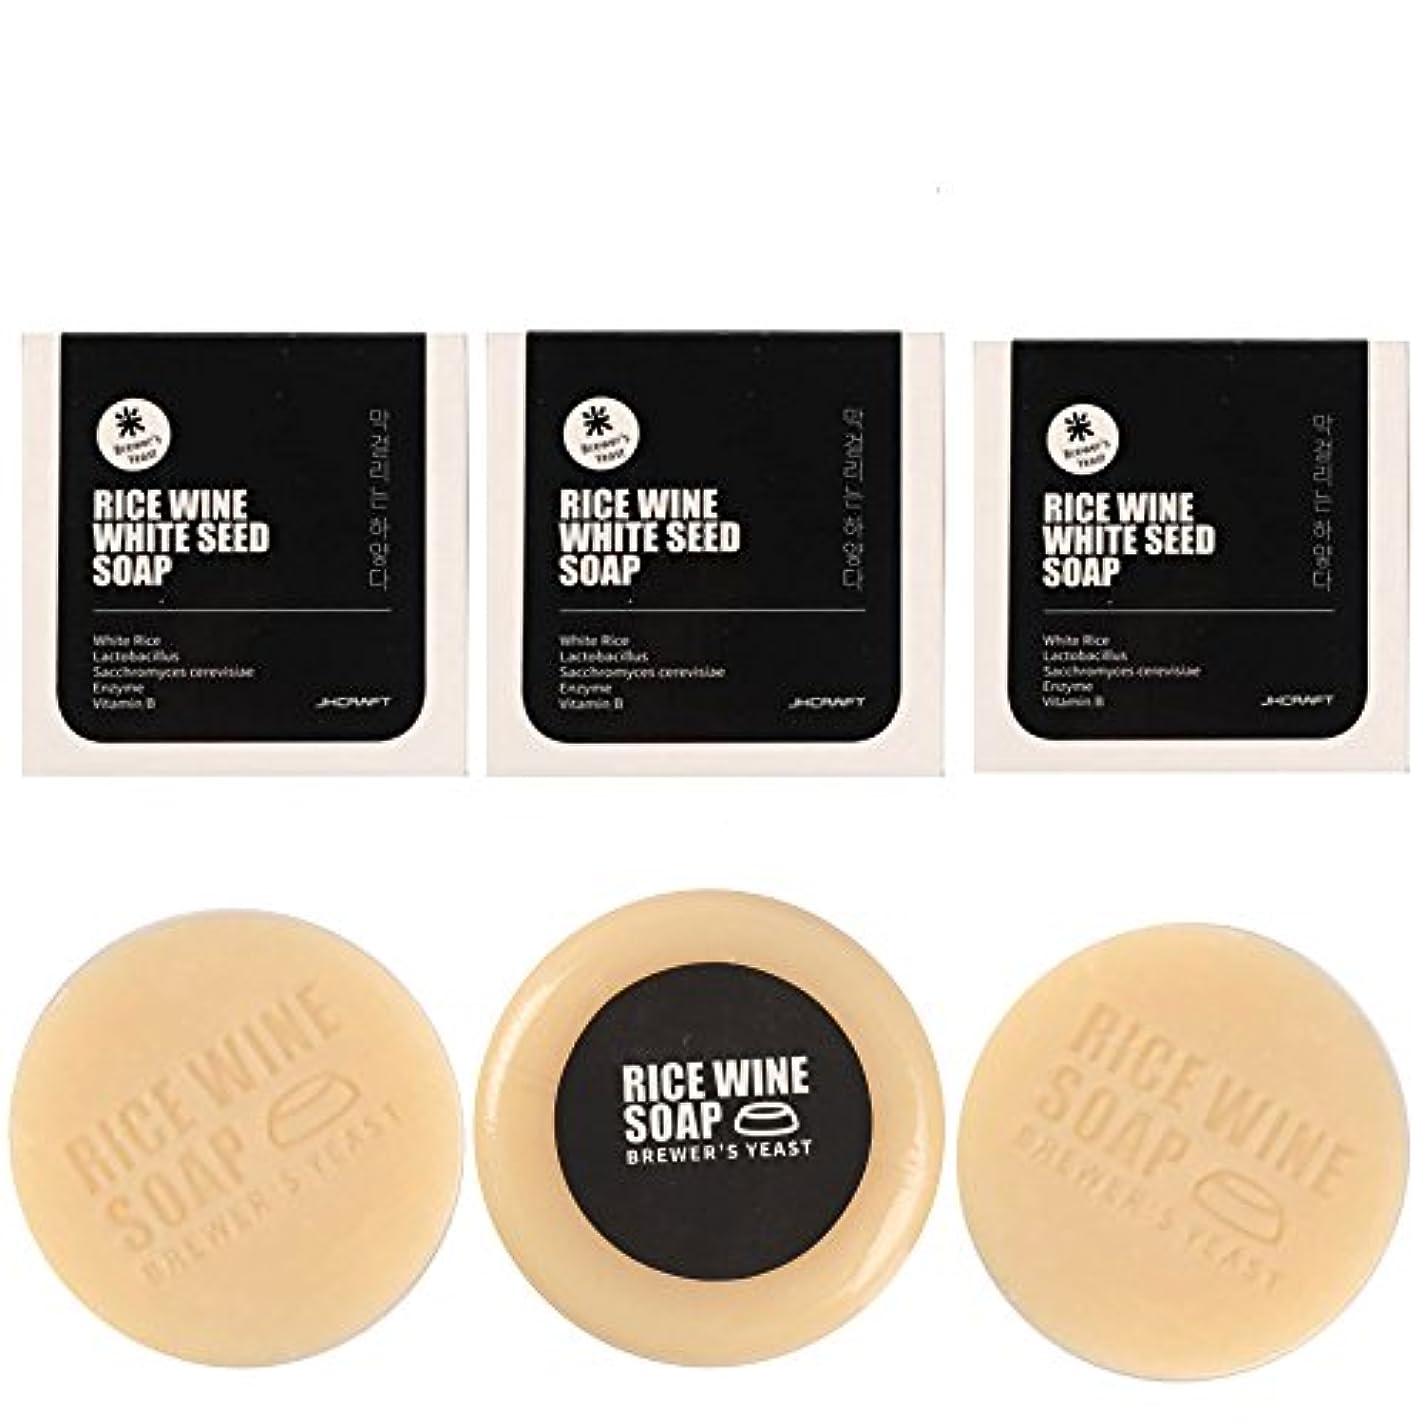 最悪カニ平衡JKCRAFT RICEWINE WHITE SEED SOAP マッコリ酵母石鹸 3pcs [並行輸入品]マッコリ酵母石鹸,無添加,無刺激,天然洗顔石鹸